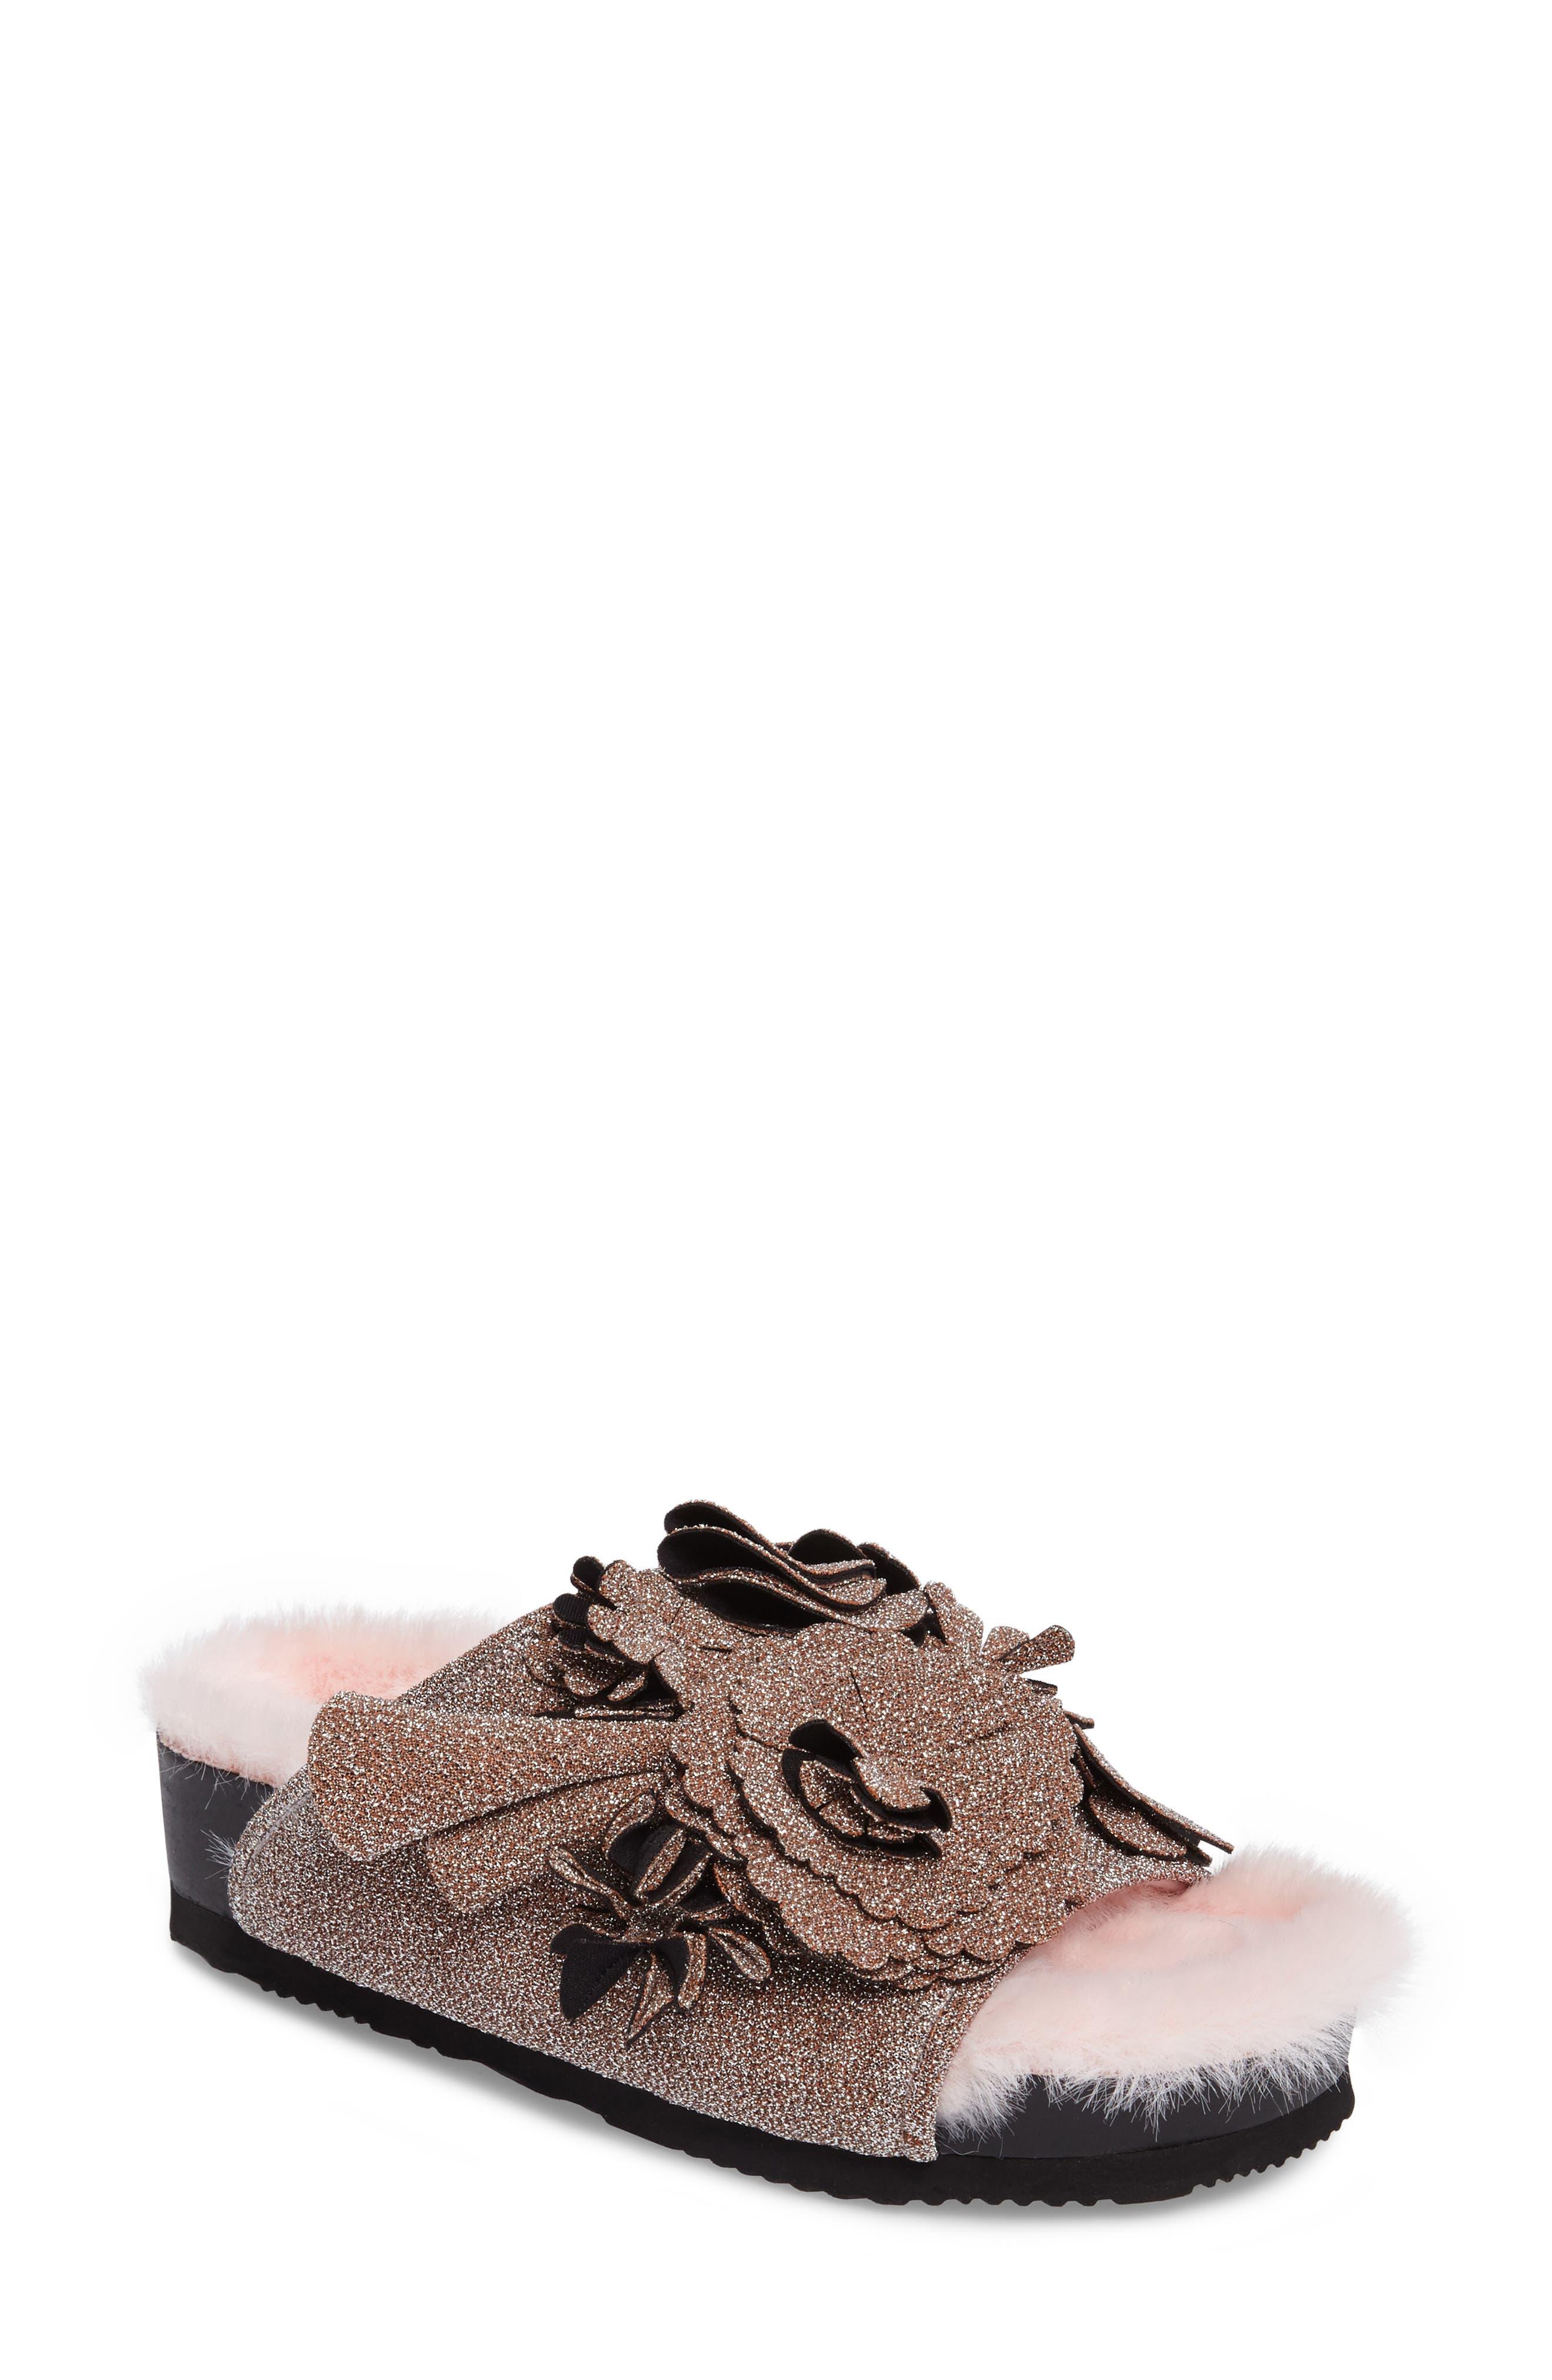 Main Image - SUECOMMA BONNIE Floral Slide Sandal (Women)